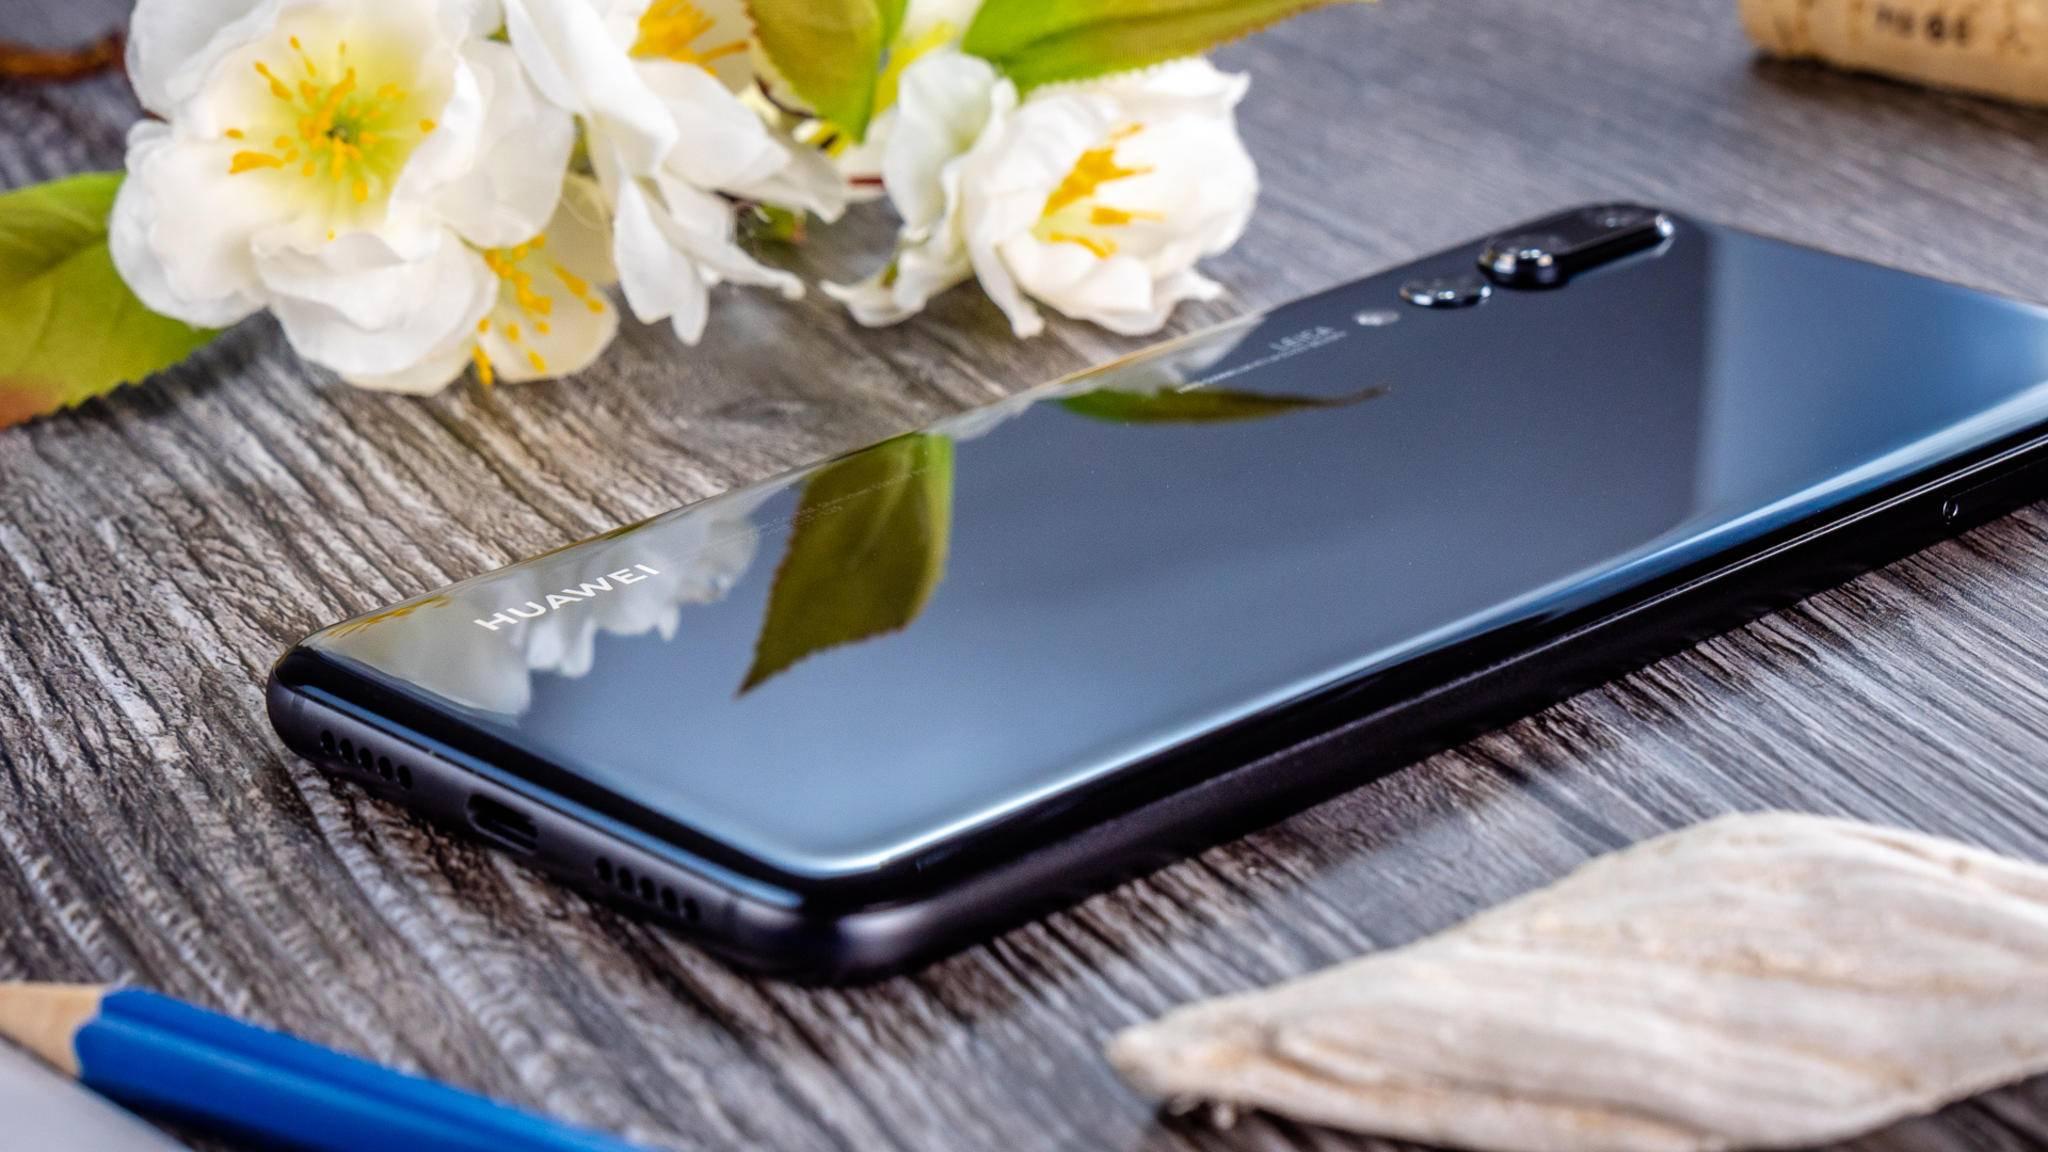 Die hochwertige Glas-Rückseite zieht Blicke und Fingerabdrücke magisch an.